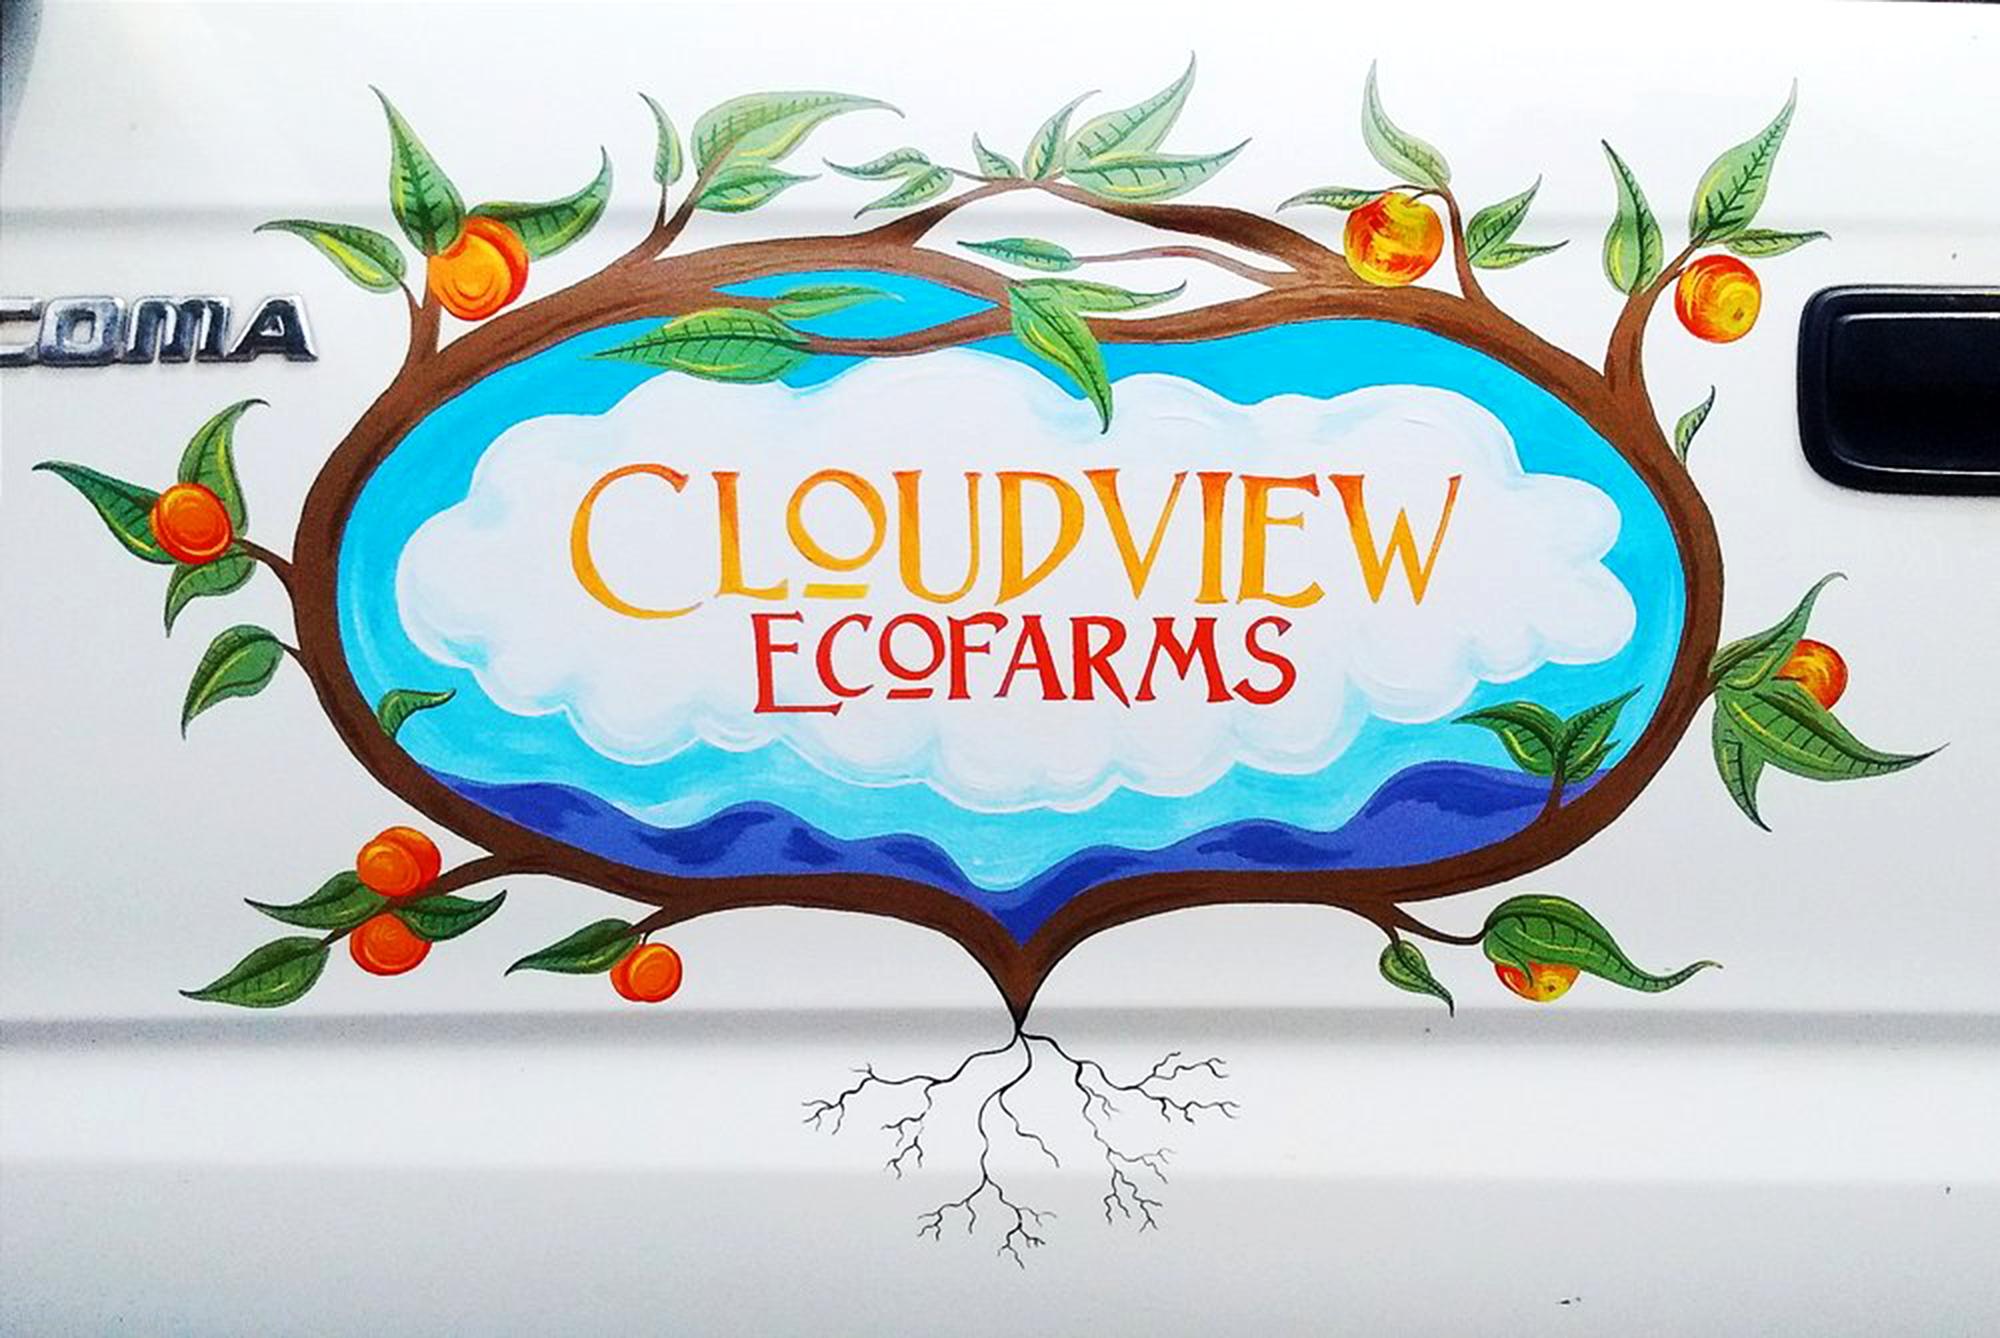 Cloudview Ecofarms